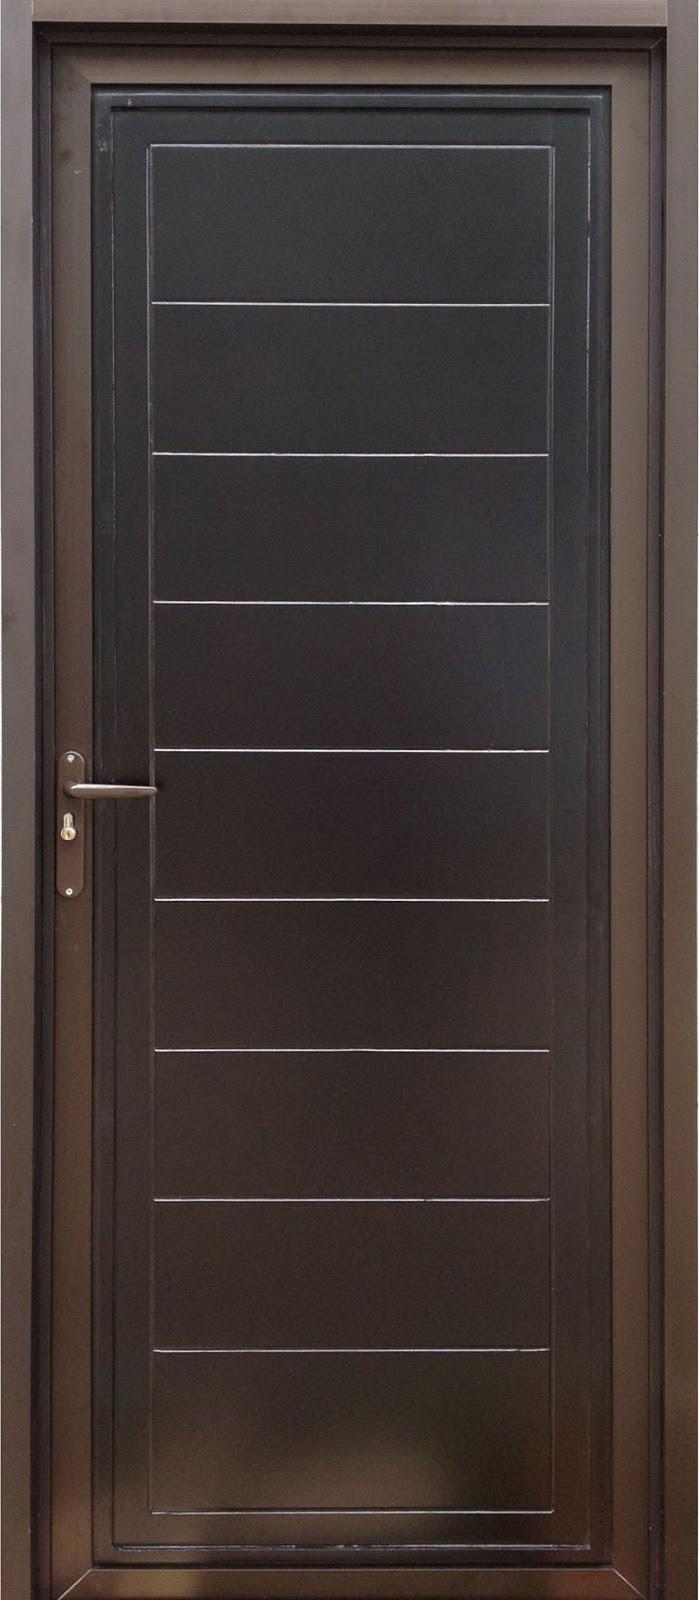 pintu aluminium urat kayu 1